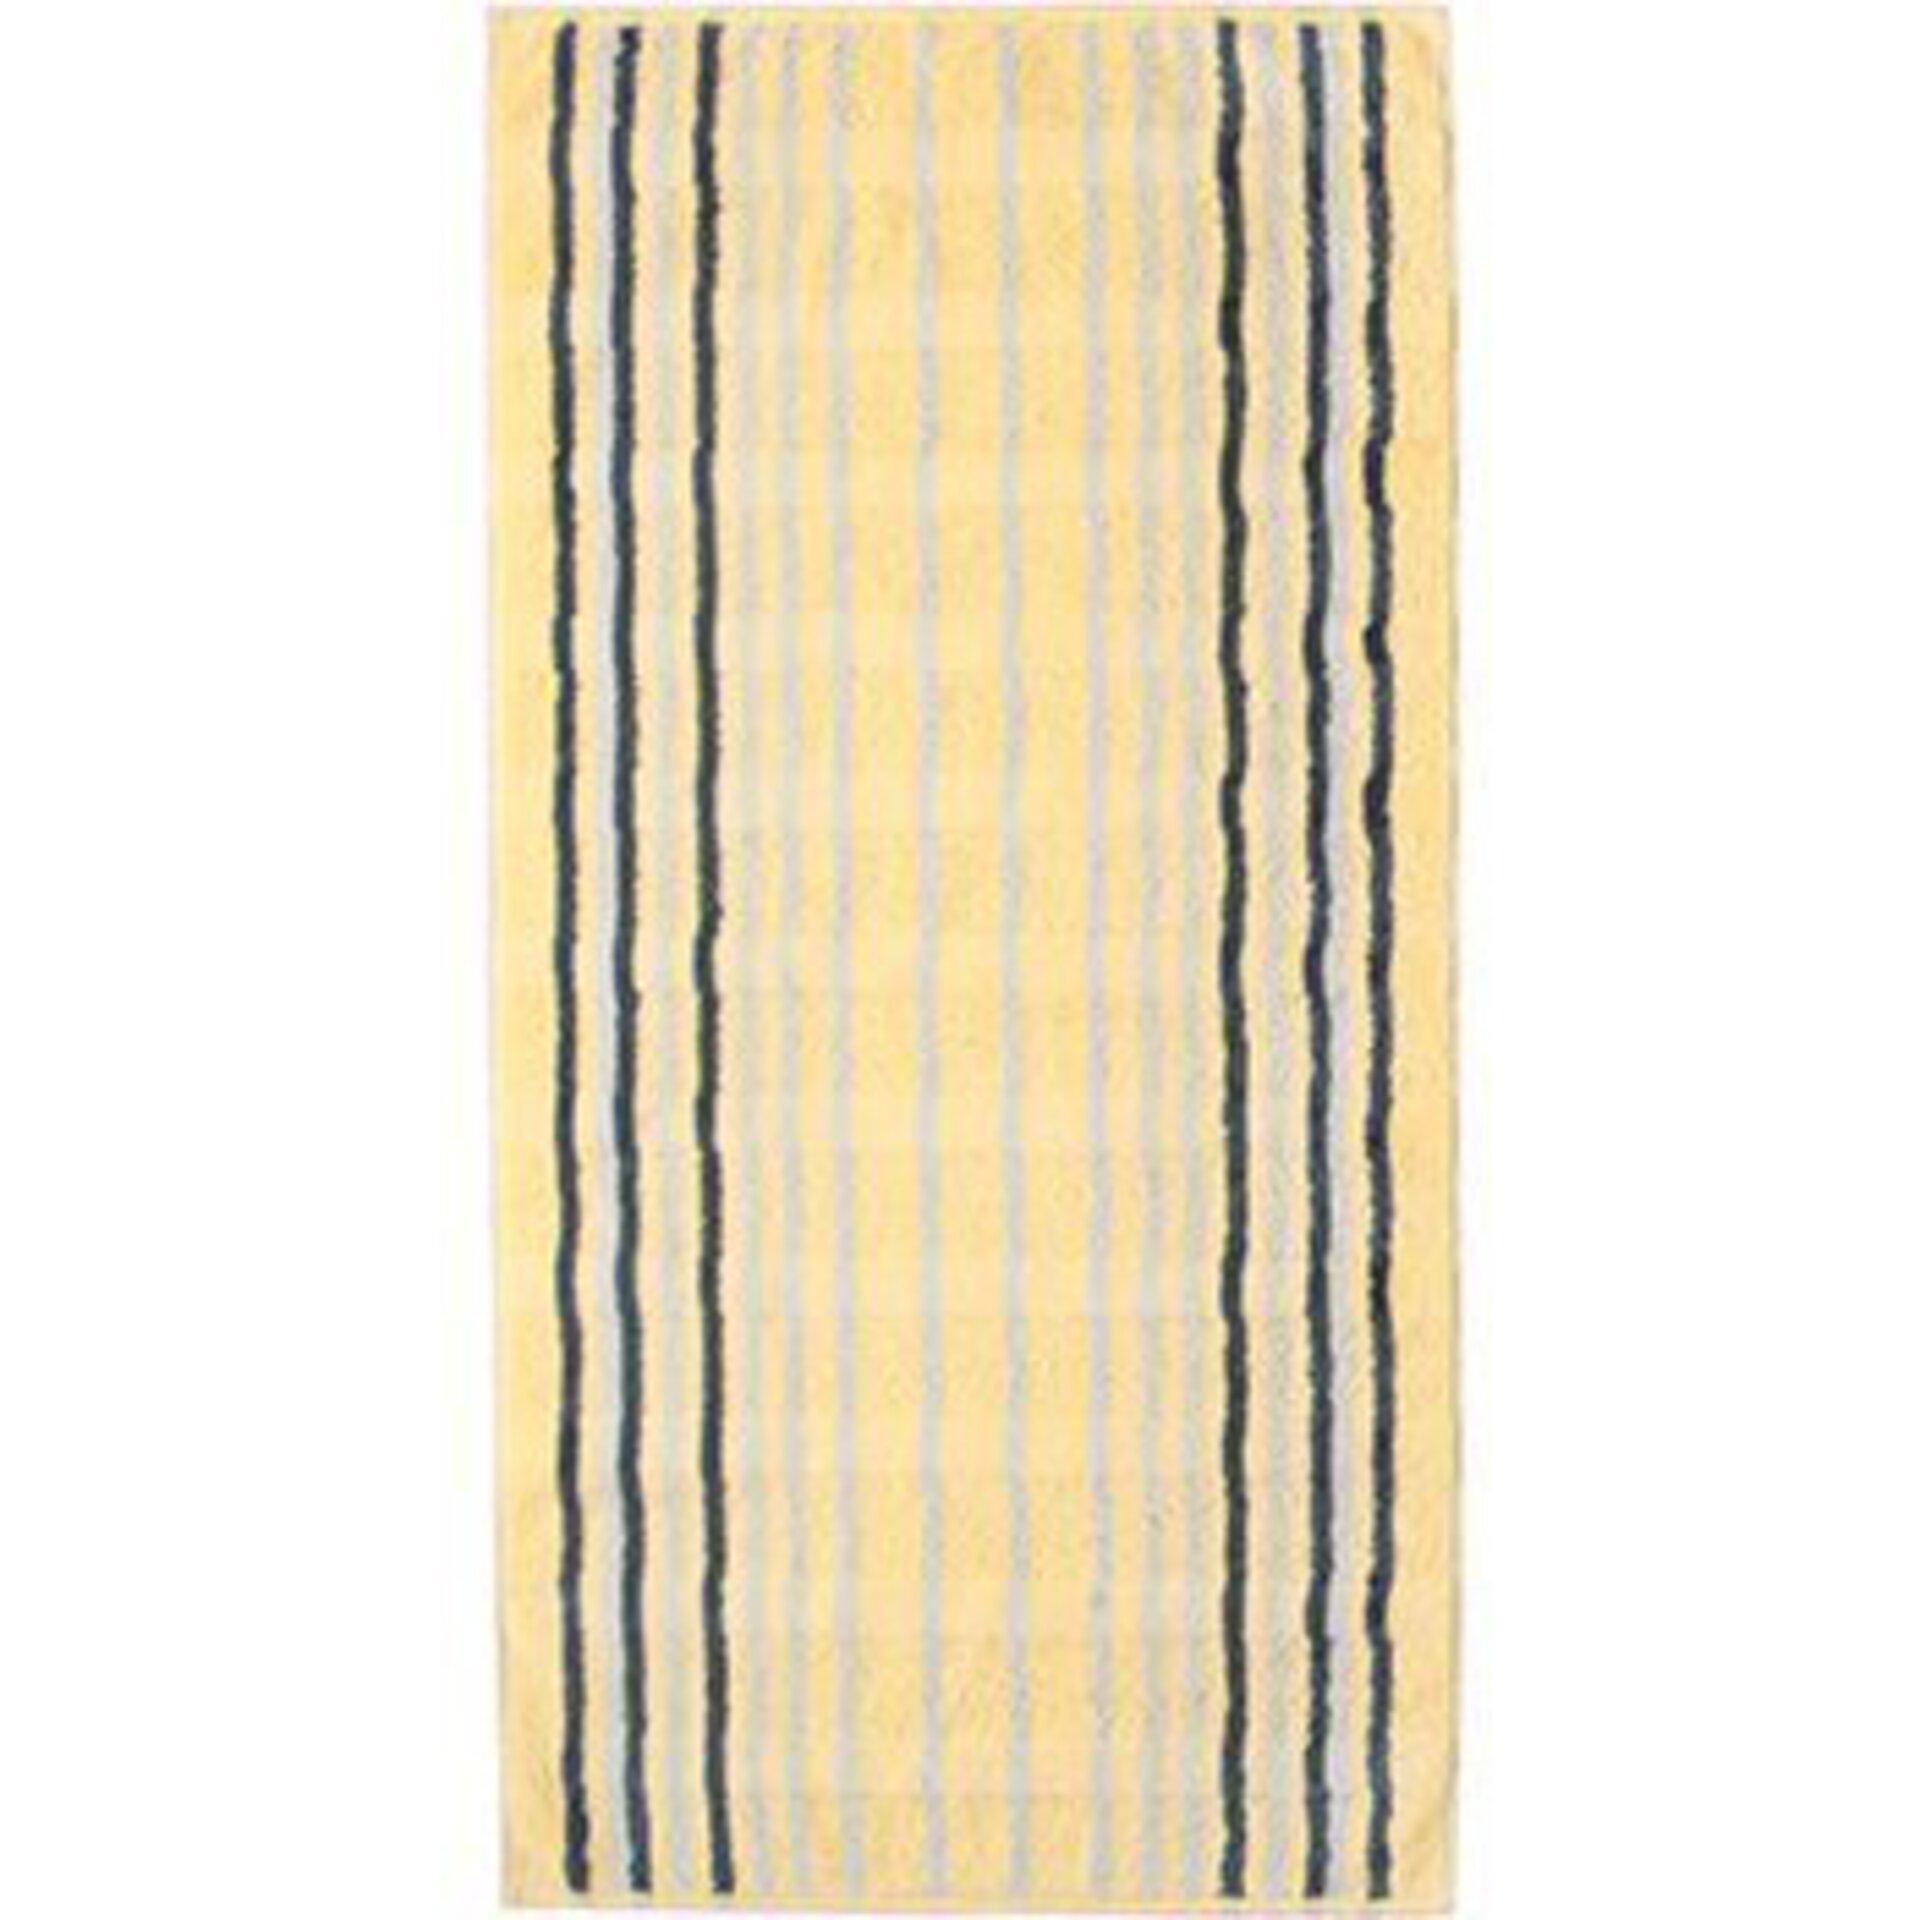 Duschtuch Cawö Textil gelb 80 x 150 cm